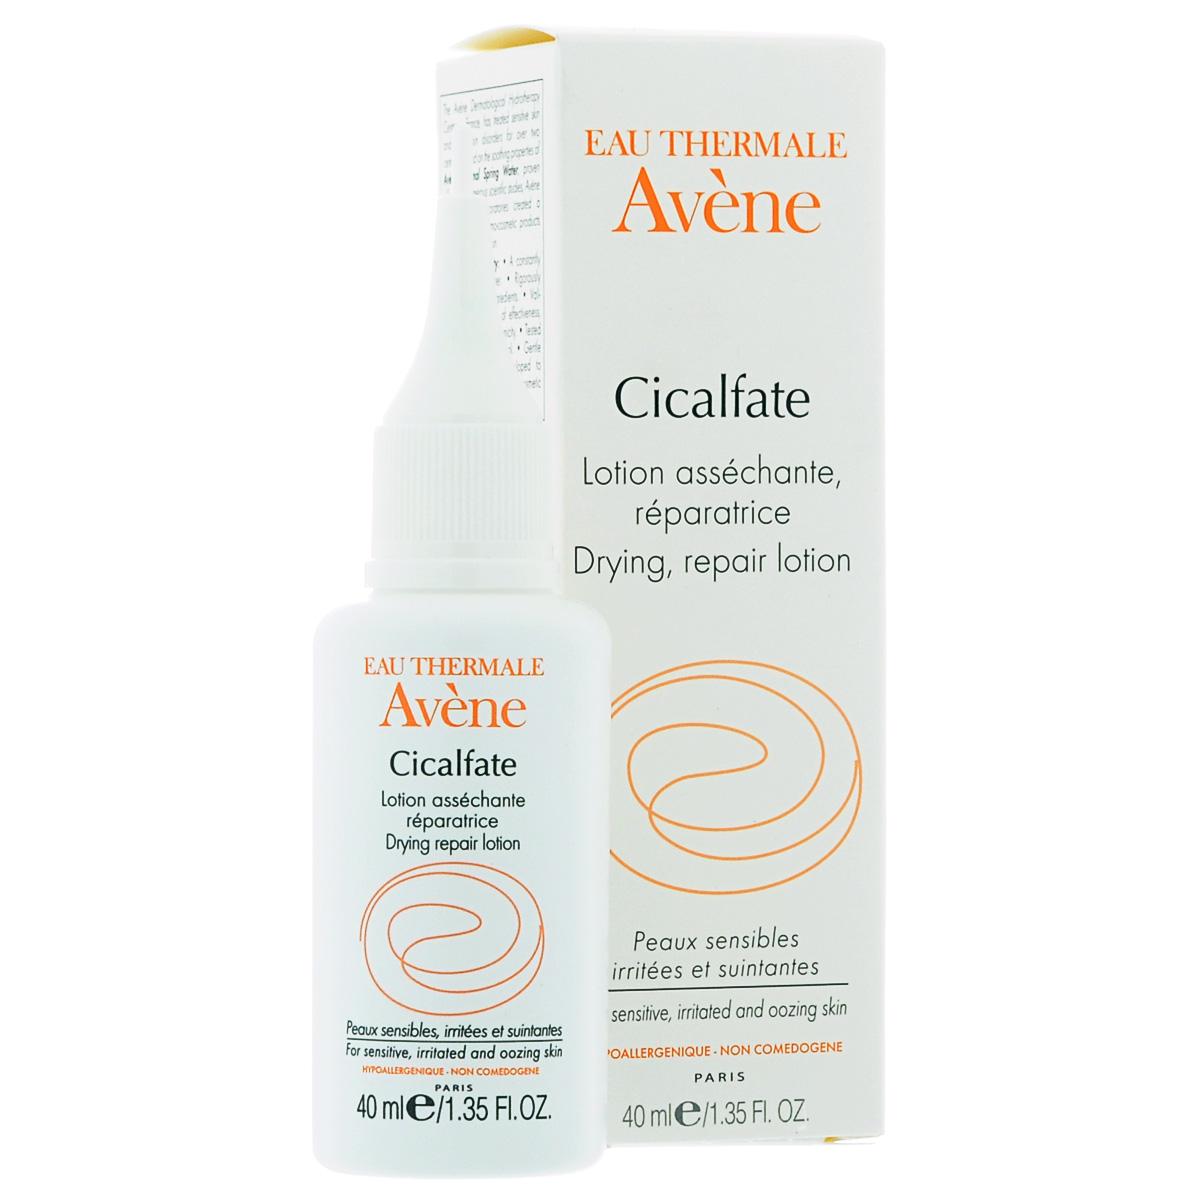 Avene Подсушивающий, заживляющий лосьон Cicalfate для лица и тела 40 мл